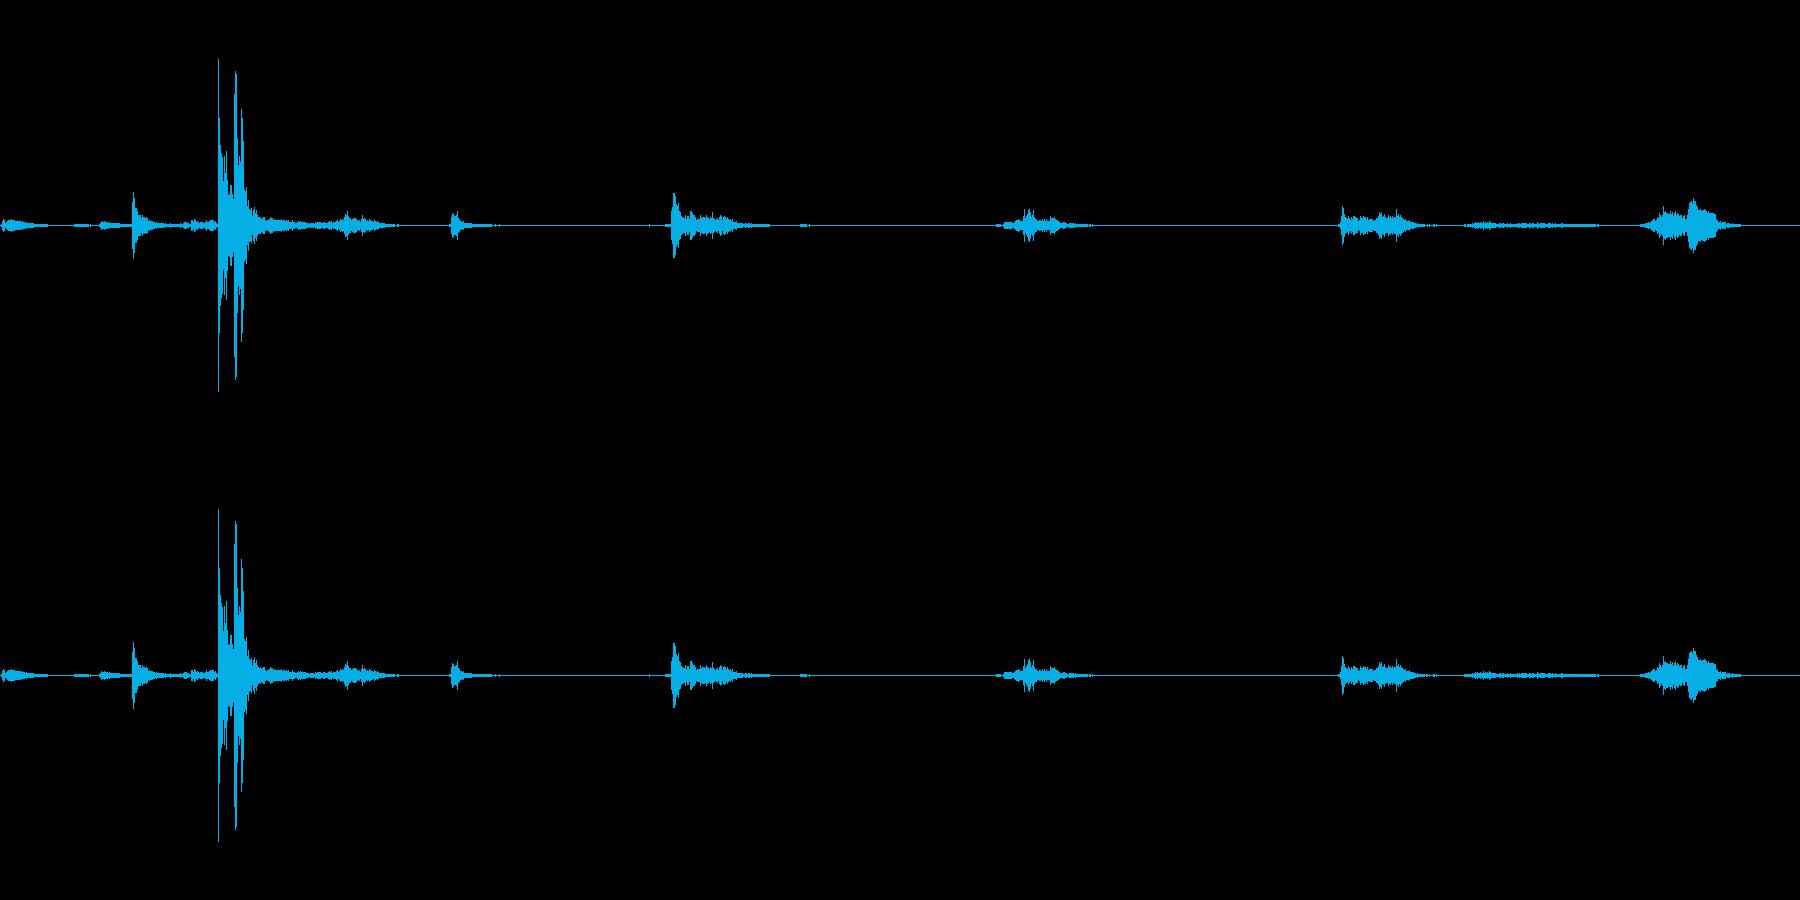 キュッキュッ(水筒の蓋を閉める音)1の再生済みの波形